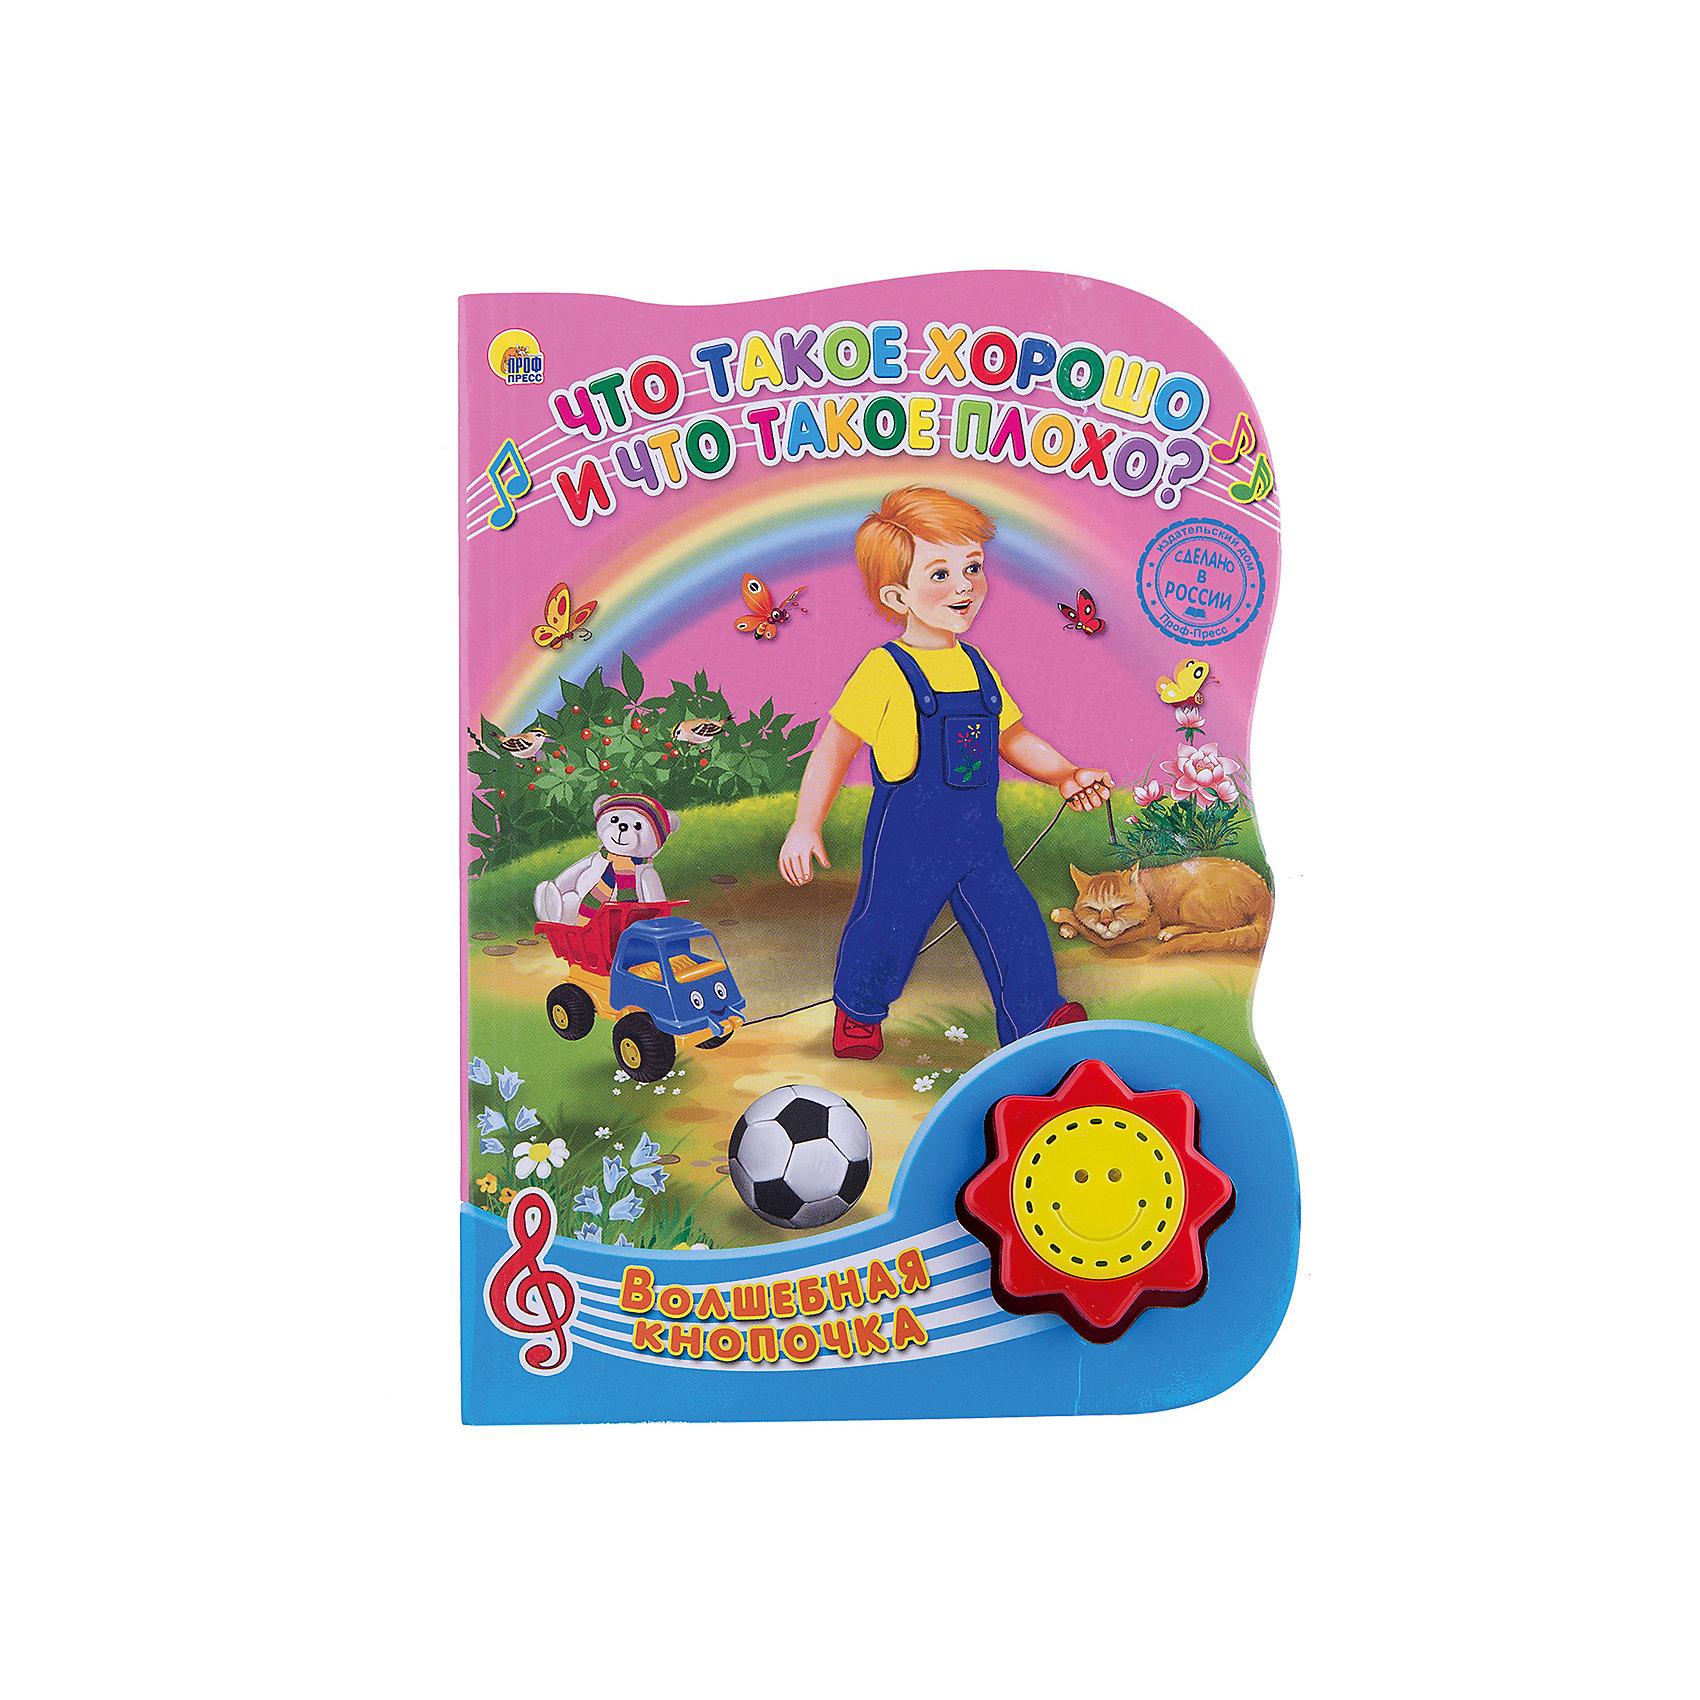 Что такое хорошо и что такое плохо, Волшебная кнопочкаМузыкальные книги<br>С самого детства нас сопровождают книги, это лучший подарок не только взрослым, они помогают детям познавать мир и учиться читать, также книги позволяют ребенку весело проводить время. Они также стимулируют развитие воображения, логики и творческого мышления. <br>Есть стихи и сказки, проверенные многими поколениями, которые понравятся и современным детям. Это издание сделано специально для самых маленьких - с плотными страничками и звуковым модулем, который будет сопровождать сказку песенками и музыкой. Яркие картинки обязательно понравятся малышам! Книга сделана из качественных и безопасных для детей материалов.<br>  <br>Дополнительная информация:<br><br>страниц: 8; <br>размер: 212x155x25 мм;<br>вес: 200 г.<br><br>Книгу со звуковым модулем Волшебная кнопочка. Что такое хорошо и что такое плохо от издательства Проф-Пресс можно купить в нашем магазине.<br><br>Ширина мм: 155<br>Глубина мм: 20<br>Высота мм: 210<br>Вес г: 200<br>Возраст от месяцев: 0<br>Возраст до месяцев: 60<br>Пол: Унисекс<br>Возраст: Детский<br>SKU: 4787264